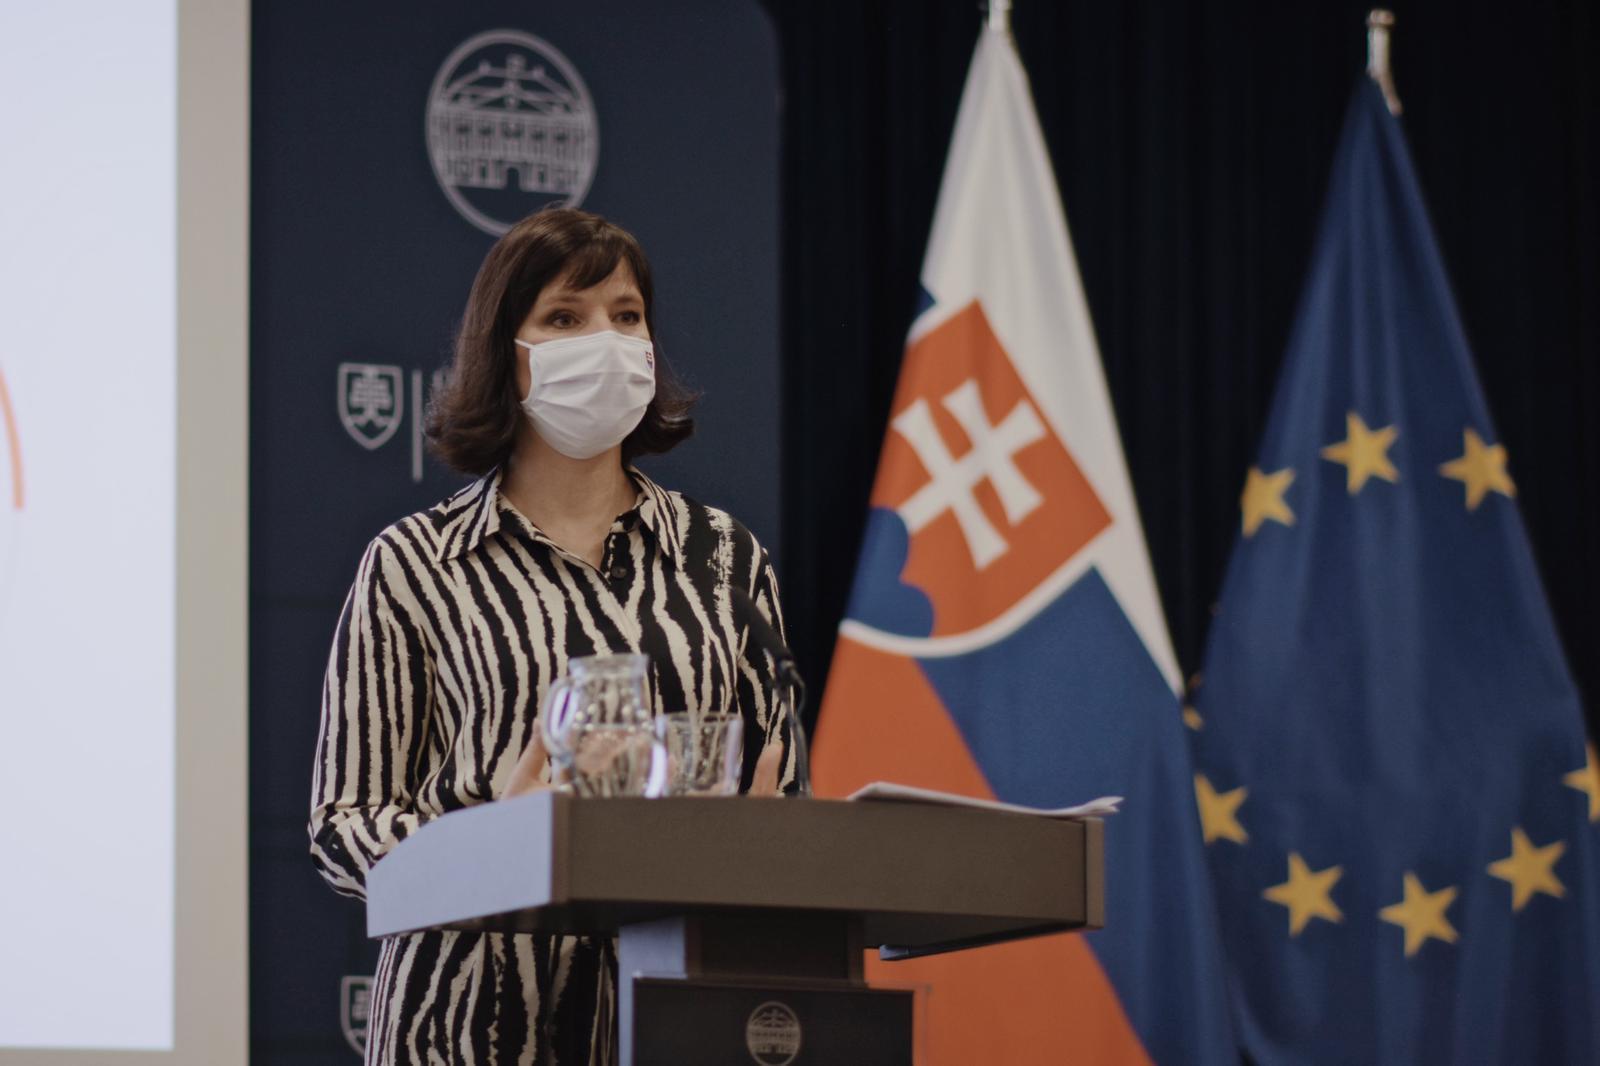 Vicepremiérka Remišová o eurofondoch v roku 2020: Boj o každé euro prináša výsledky, čerpanie sme zvýšili o 1,9 miliardy